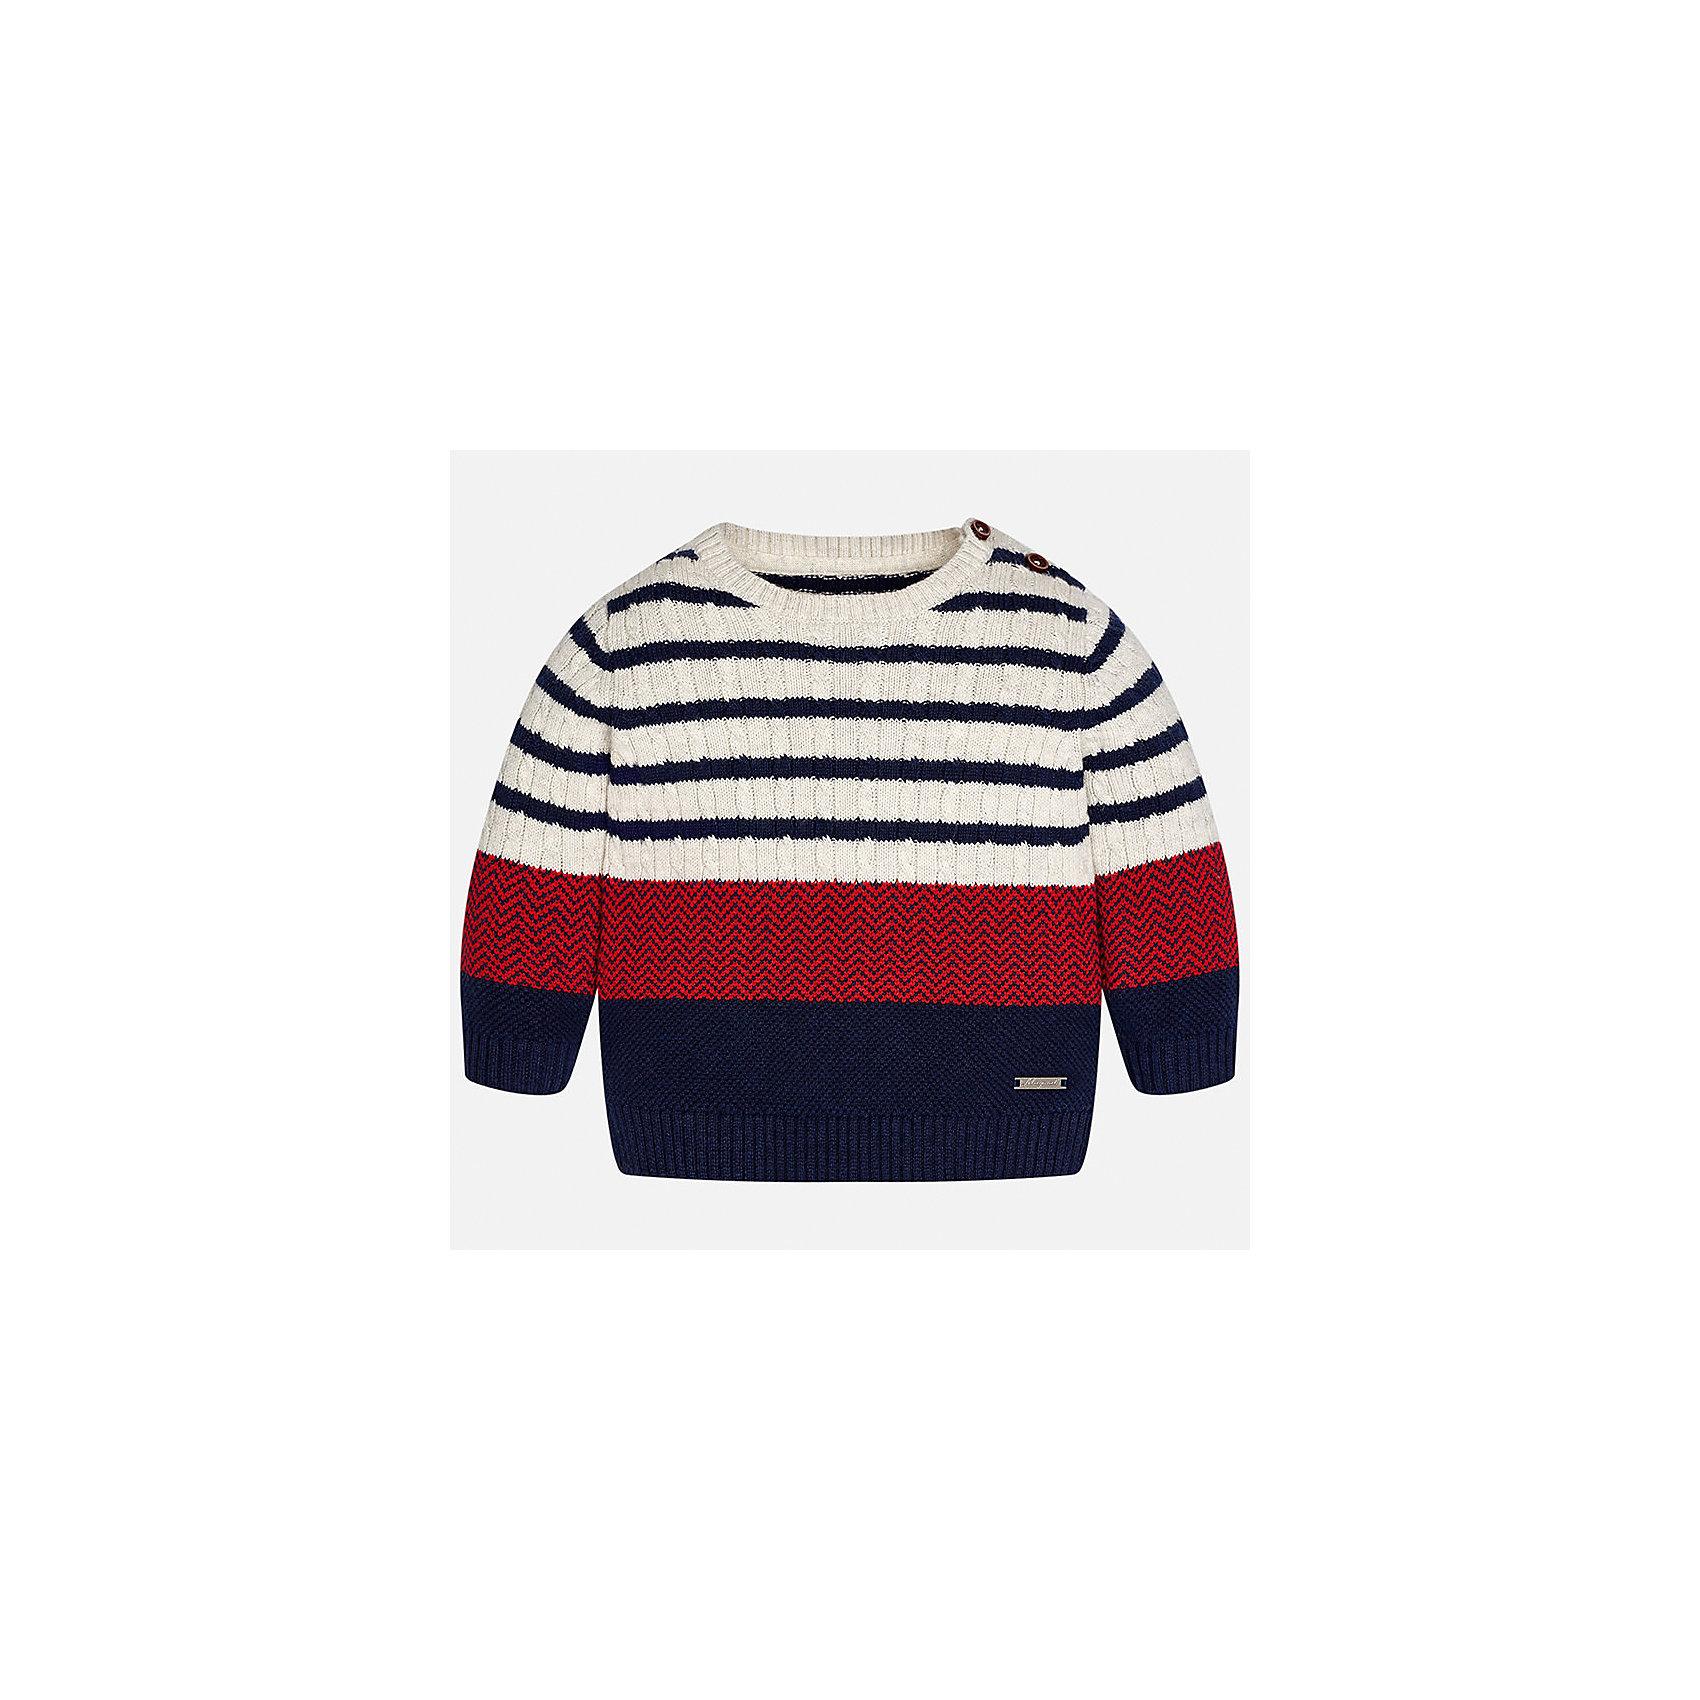 Свитер для мальчика MayoralТолстовки, свитера, кардиганы<br>Характеристики товара:<br><br>• цвет: красный<br>• состав ткани: 60% хлопок, 30% полиамид, 10% шерсть<br>• сезон: демисезон<br>• особенности модели: вязаный рисунок<br>• манжеты<br>• длинные рукава<br>• страна бренда: Испания<br>• страна изготовитель: Индия<br><br>Оригинальный свитер для мальчика Mayoral удобно сидит по фигуре. Этот детский свитер сделан из приятного на ощупь материала. Отличный способ обеспечить ребенку комфорт и аккуратный внешний вид - надеть детский свитер от Mayoral. Свитер для мальчика украшен оригинальным декором. <br><br>Свитер для мальчика Mayoral (Майорал) можно купить в нашем интернет-магазине.<br><br>Ширина мм: 190<br>Глубина мм: 74<br>Высота мм: 229<br>Вес г: 236<br>Цвет: бежевый<br>Возраст от месяцев: 24<br>Возраст до месяцев: 36<br>Пол: Мужской<br>Возраст: Детский<br>Размер: 98,74,80,86,92<br>SKU: 6935093